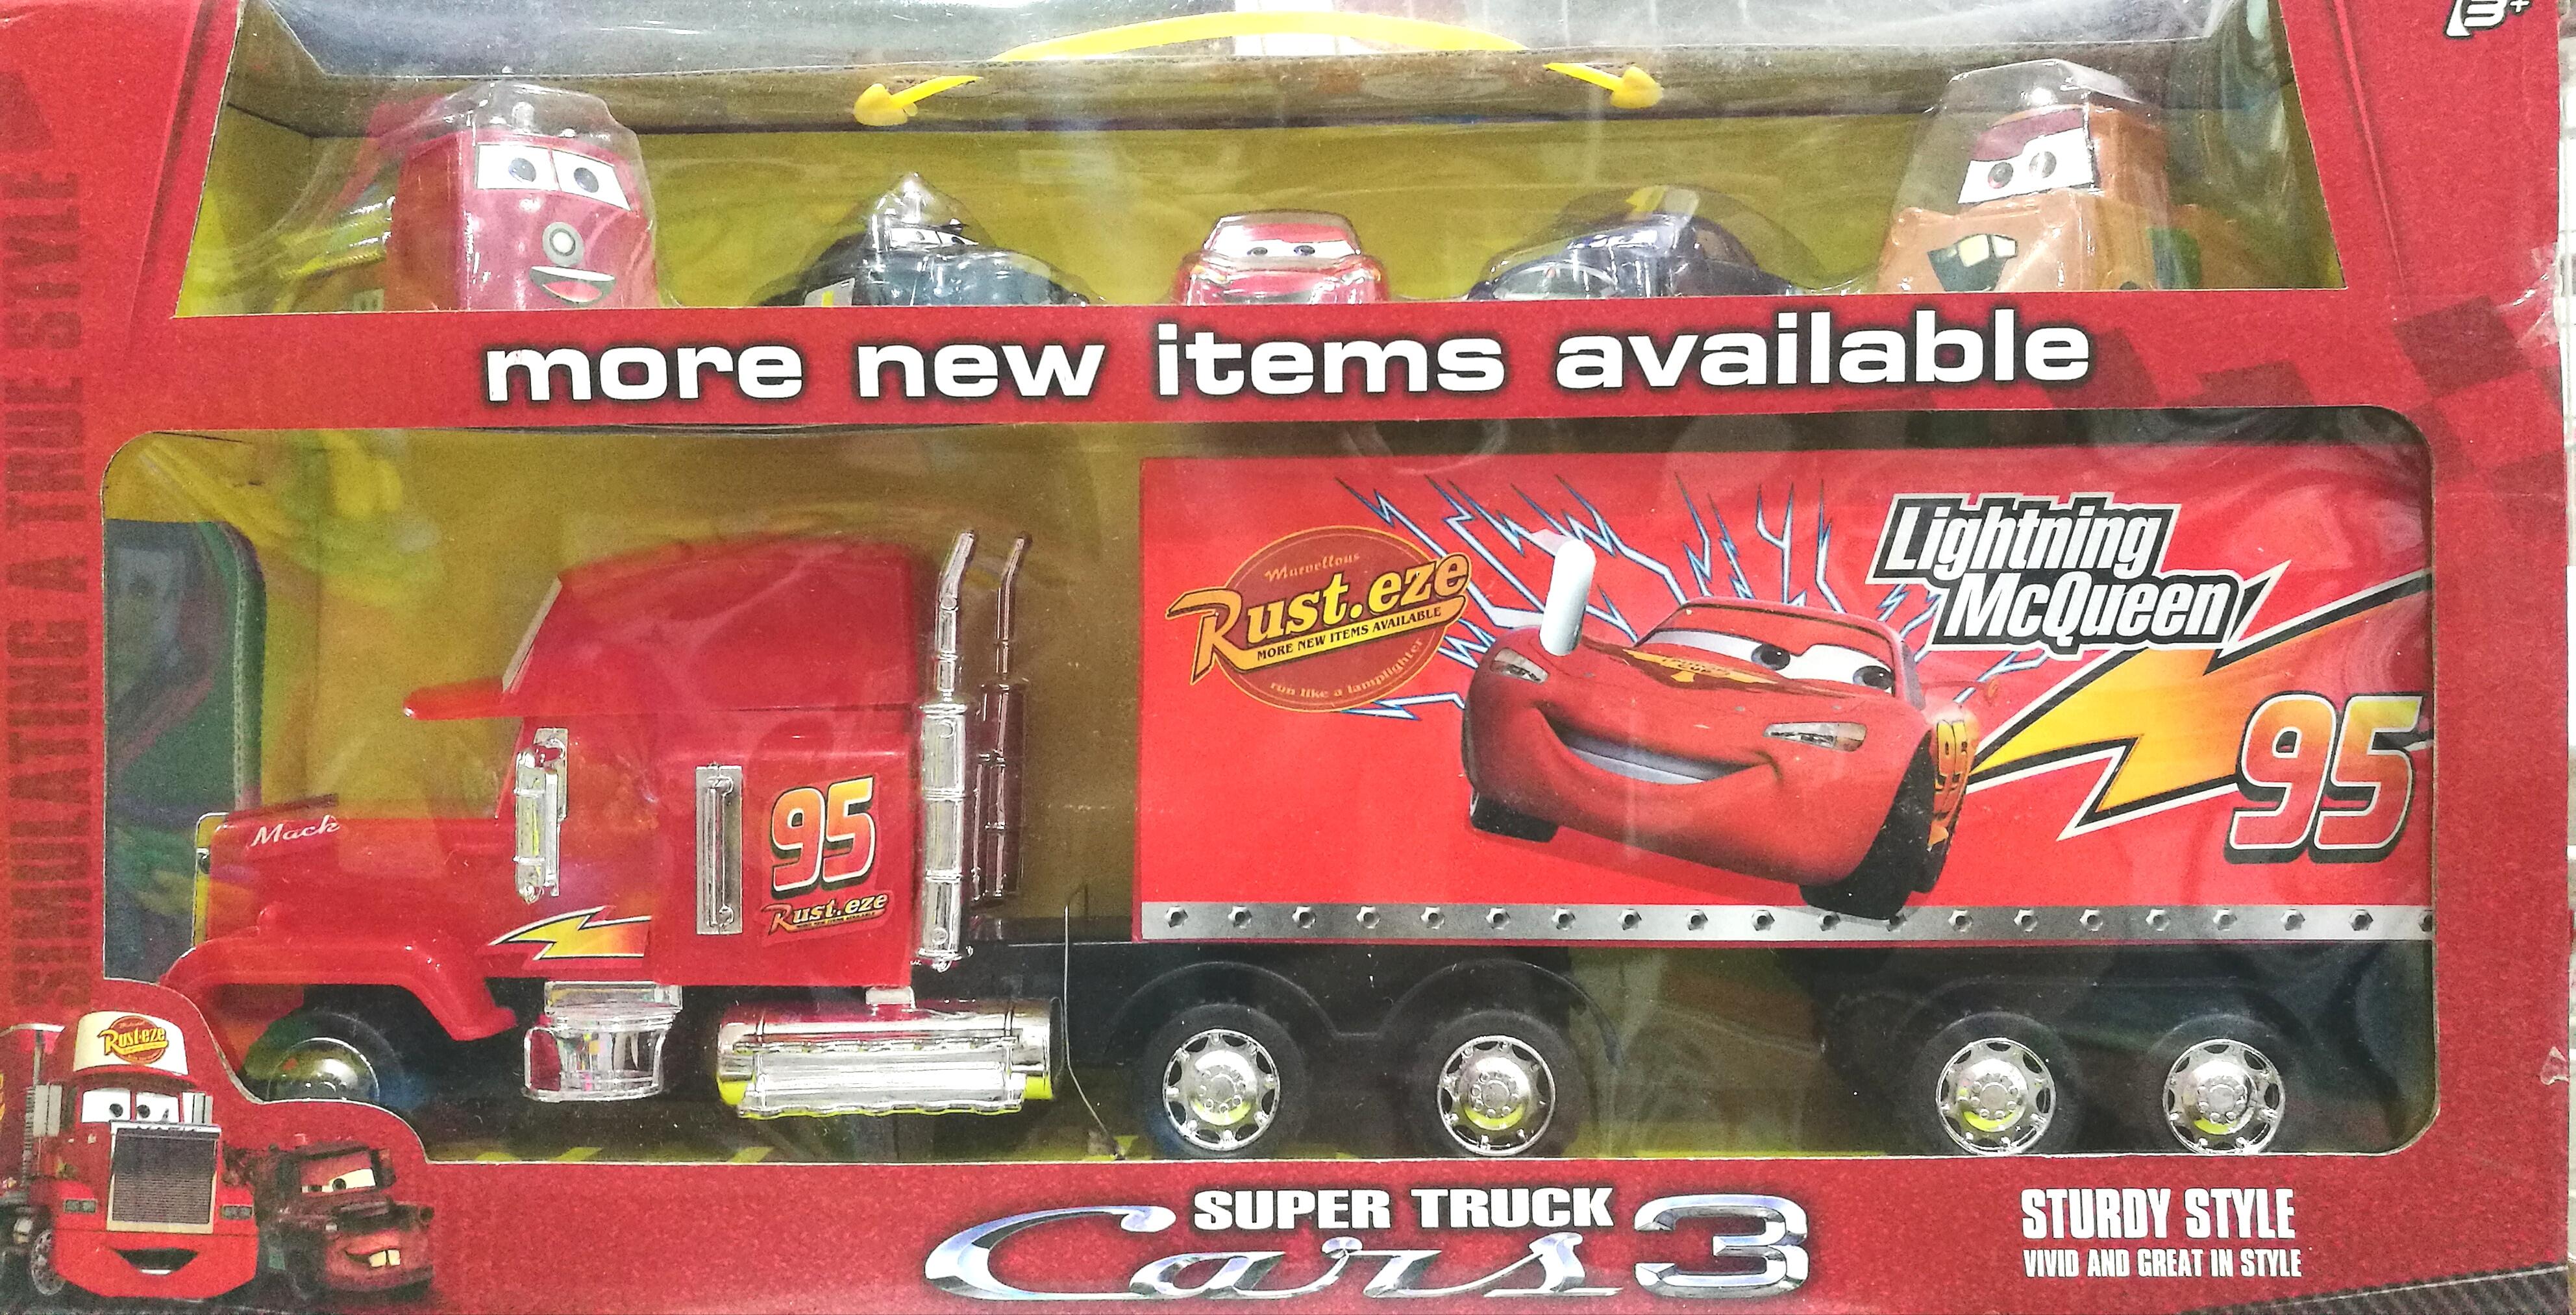 พร้อมส่ง Super Truck CARRS 3 รถคาร์ ส่งฟรี